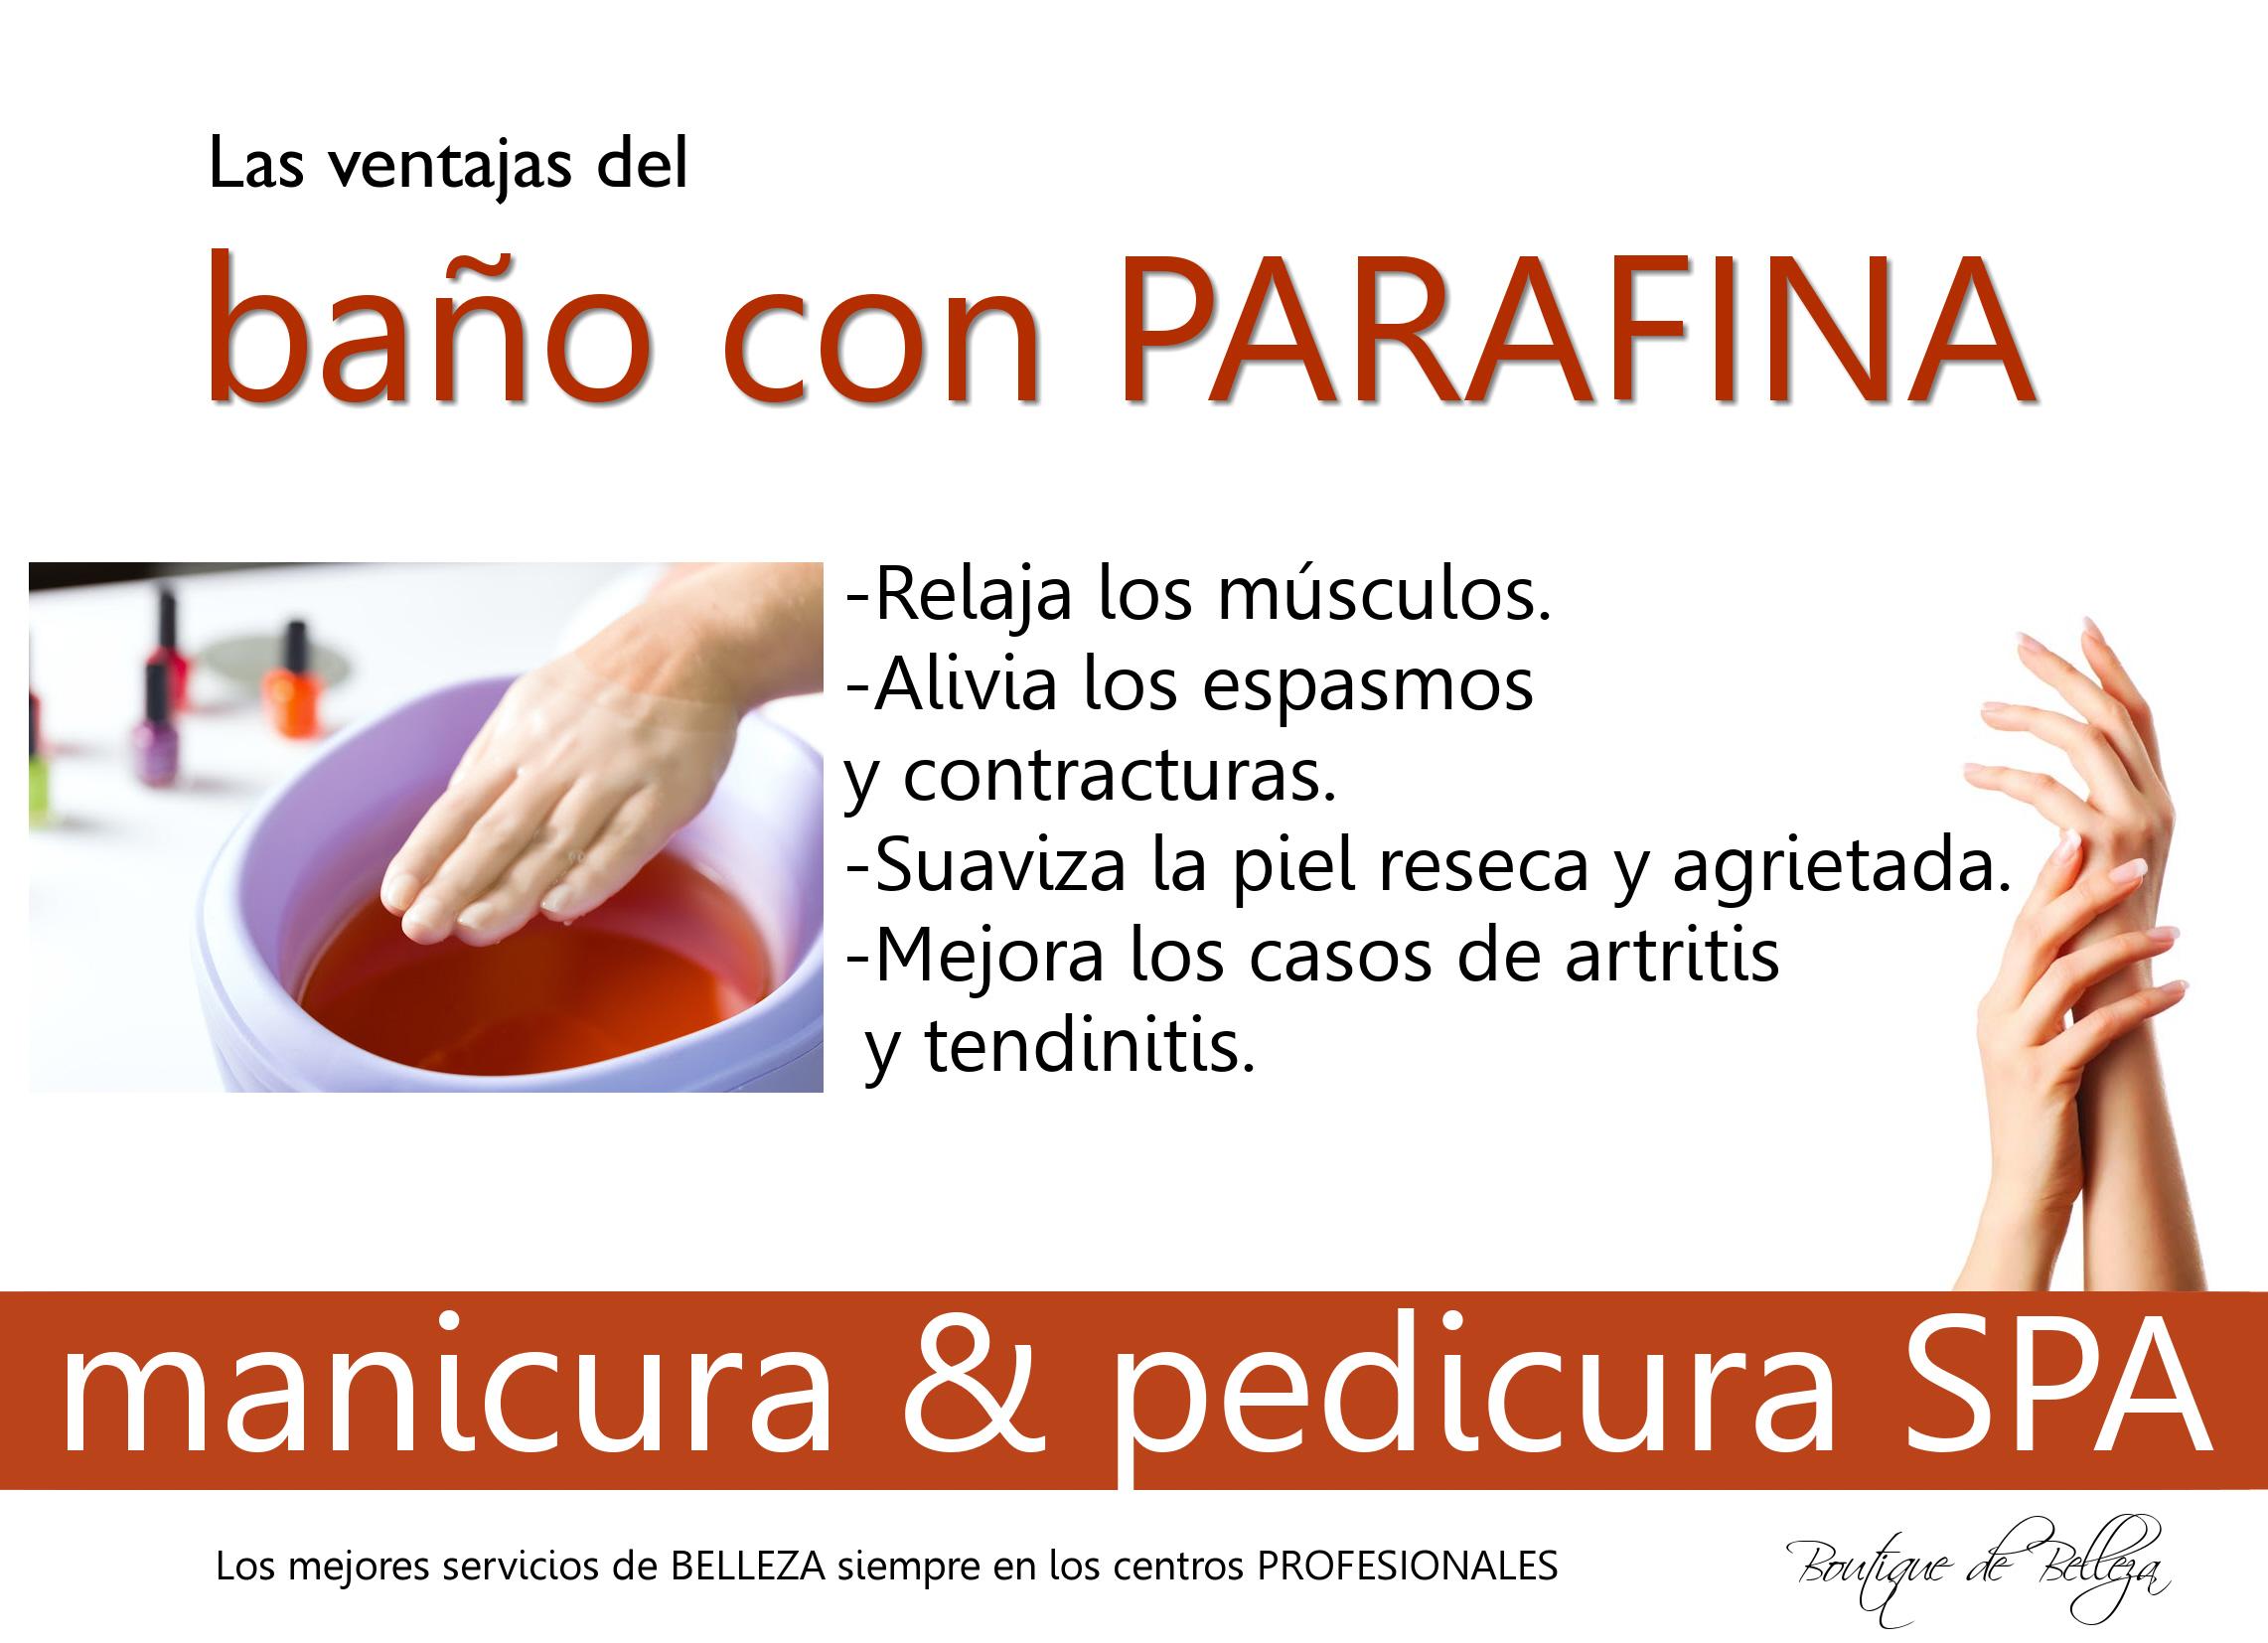 Proyectosdebelleza ba os de parafina - Bano parafina ...